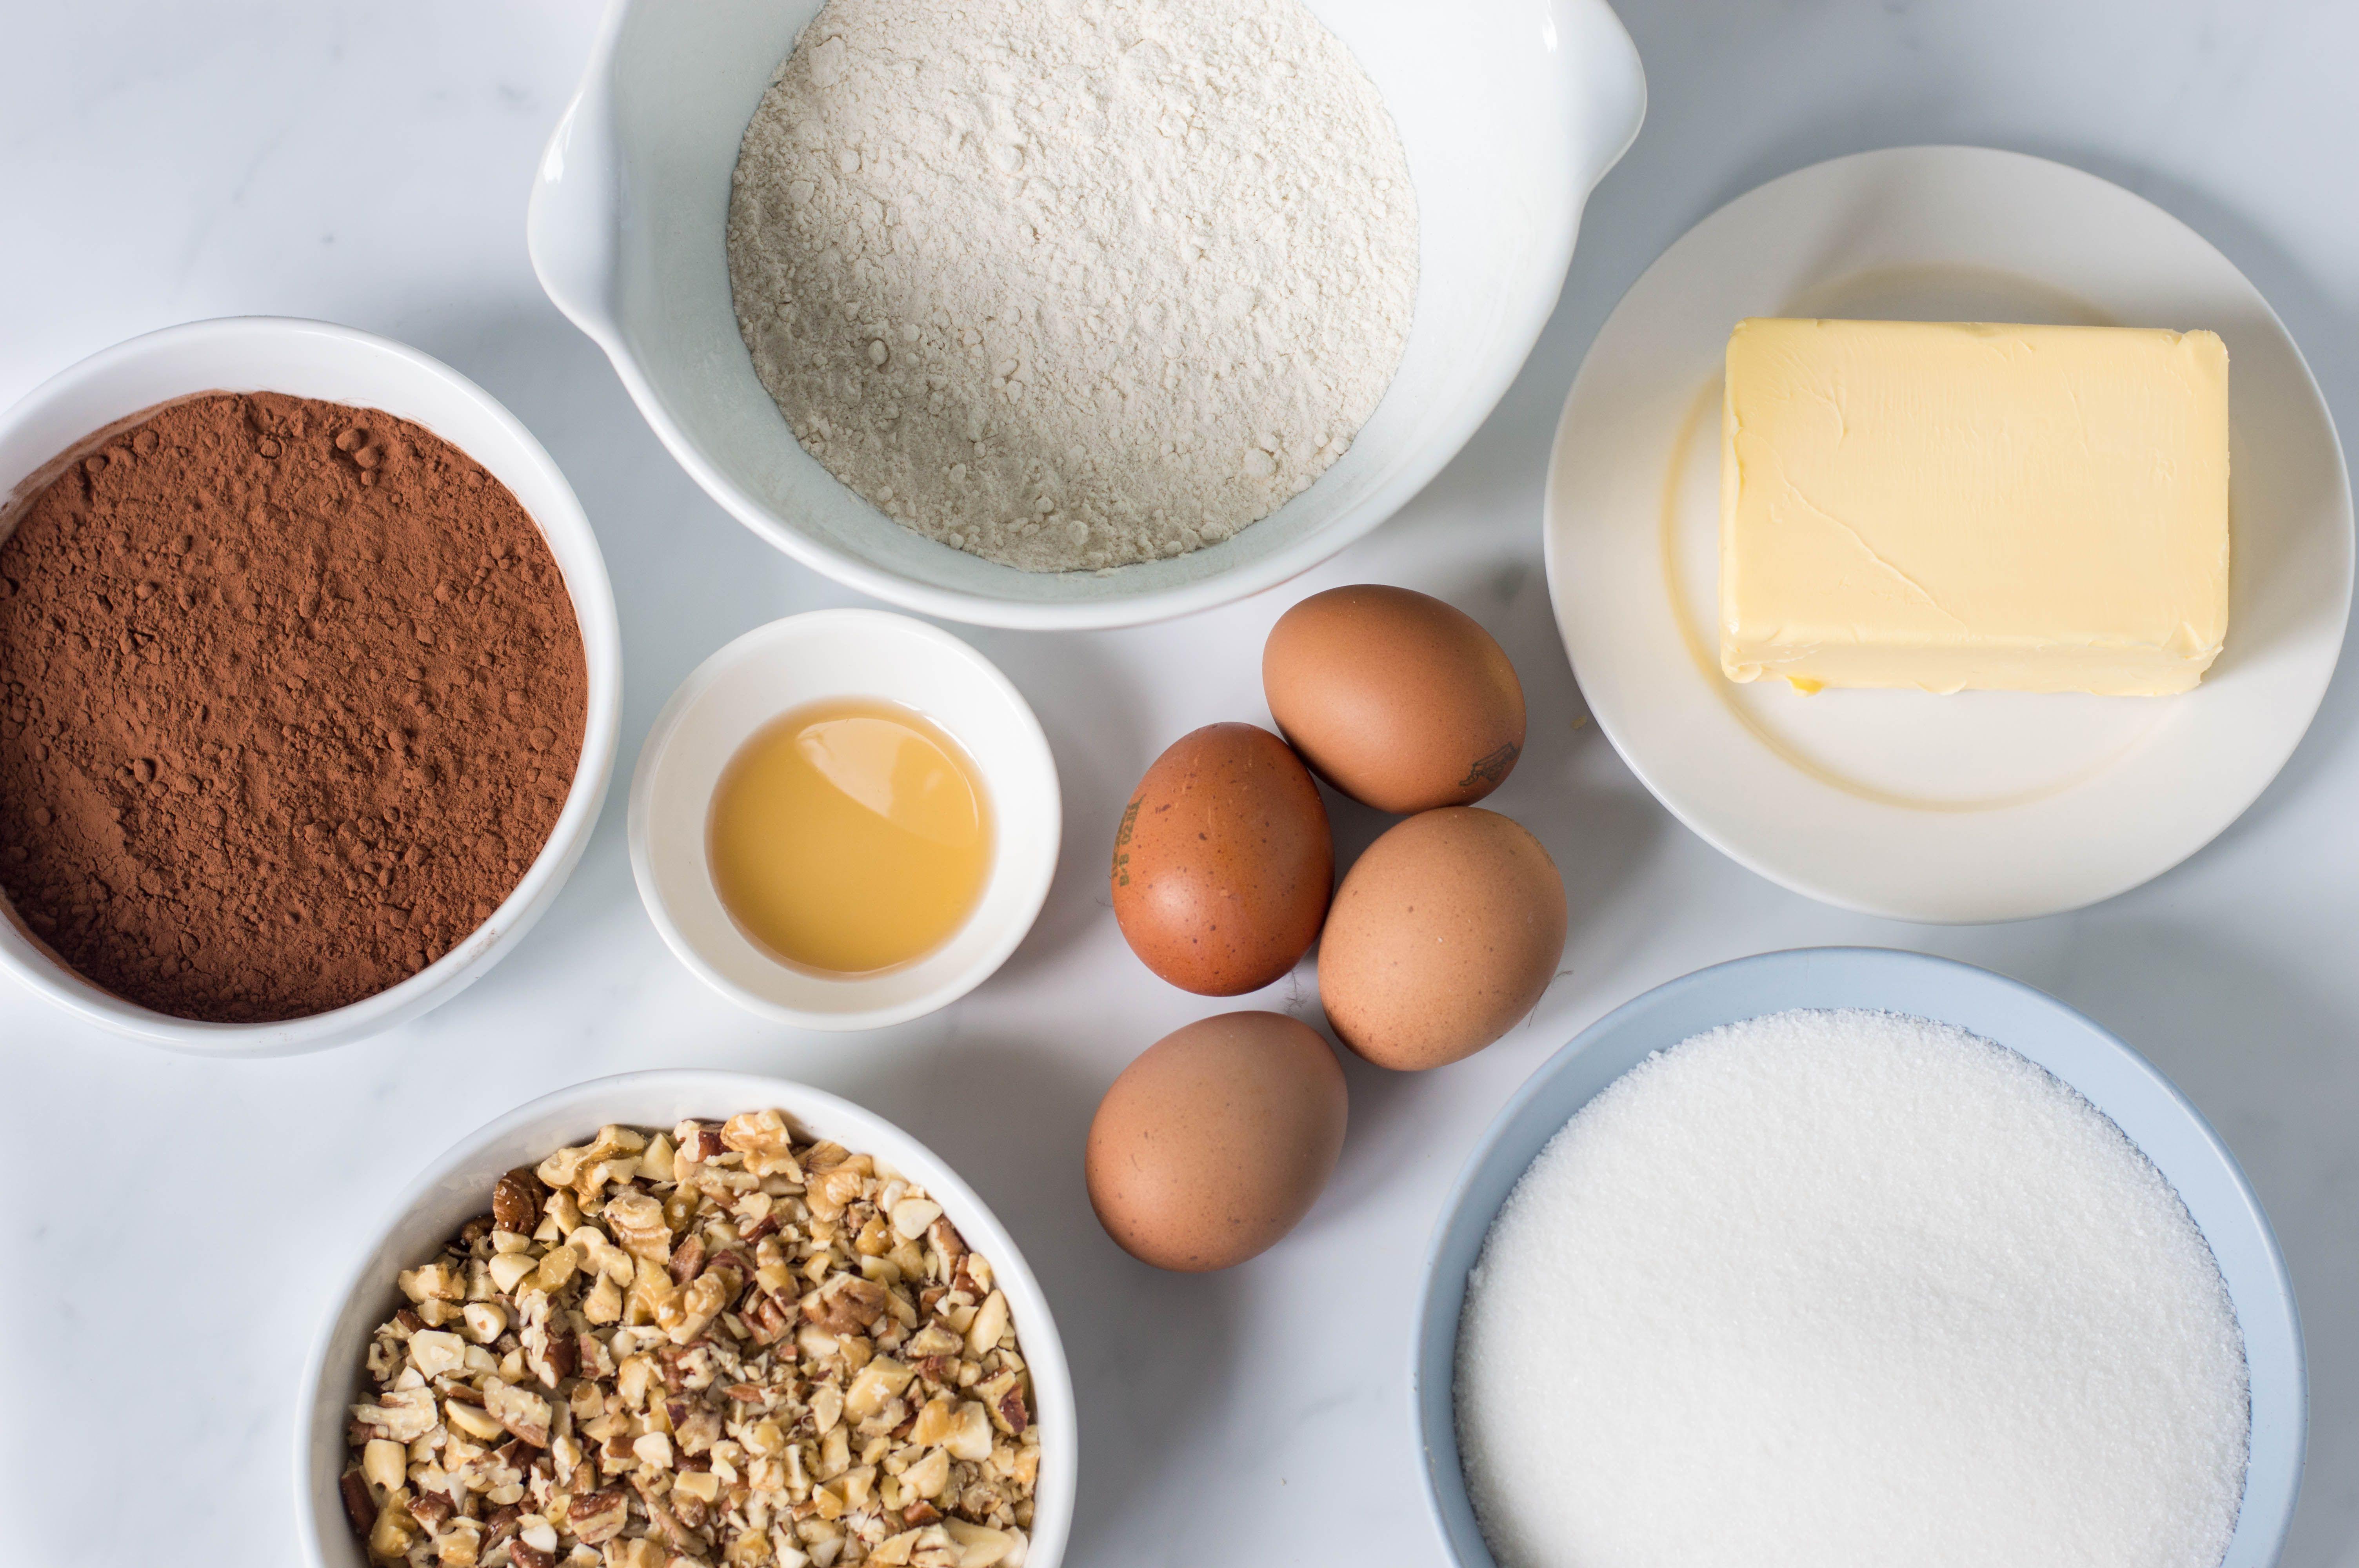 Chocolate Fudge Brownies Recipe ingredients